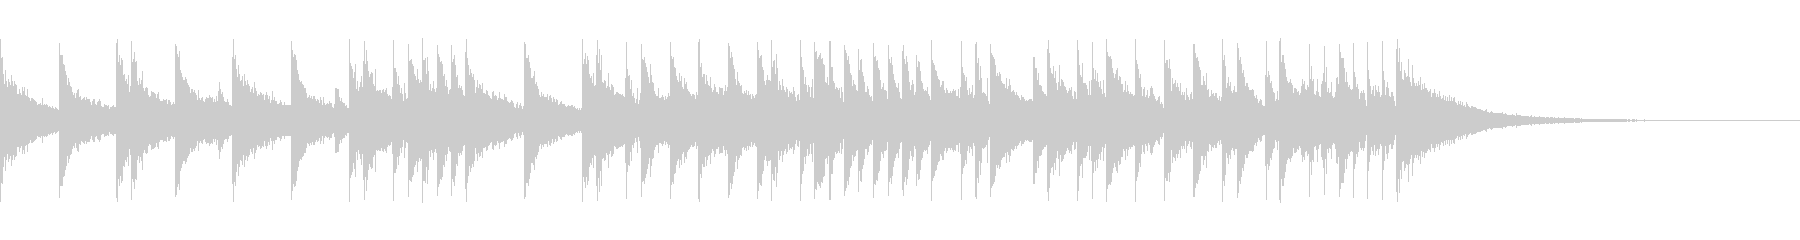 15秒のヘヴィなハードロック系ドラムソロの未再生の波形